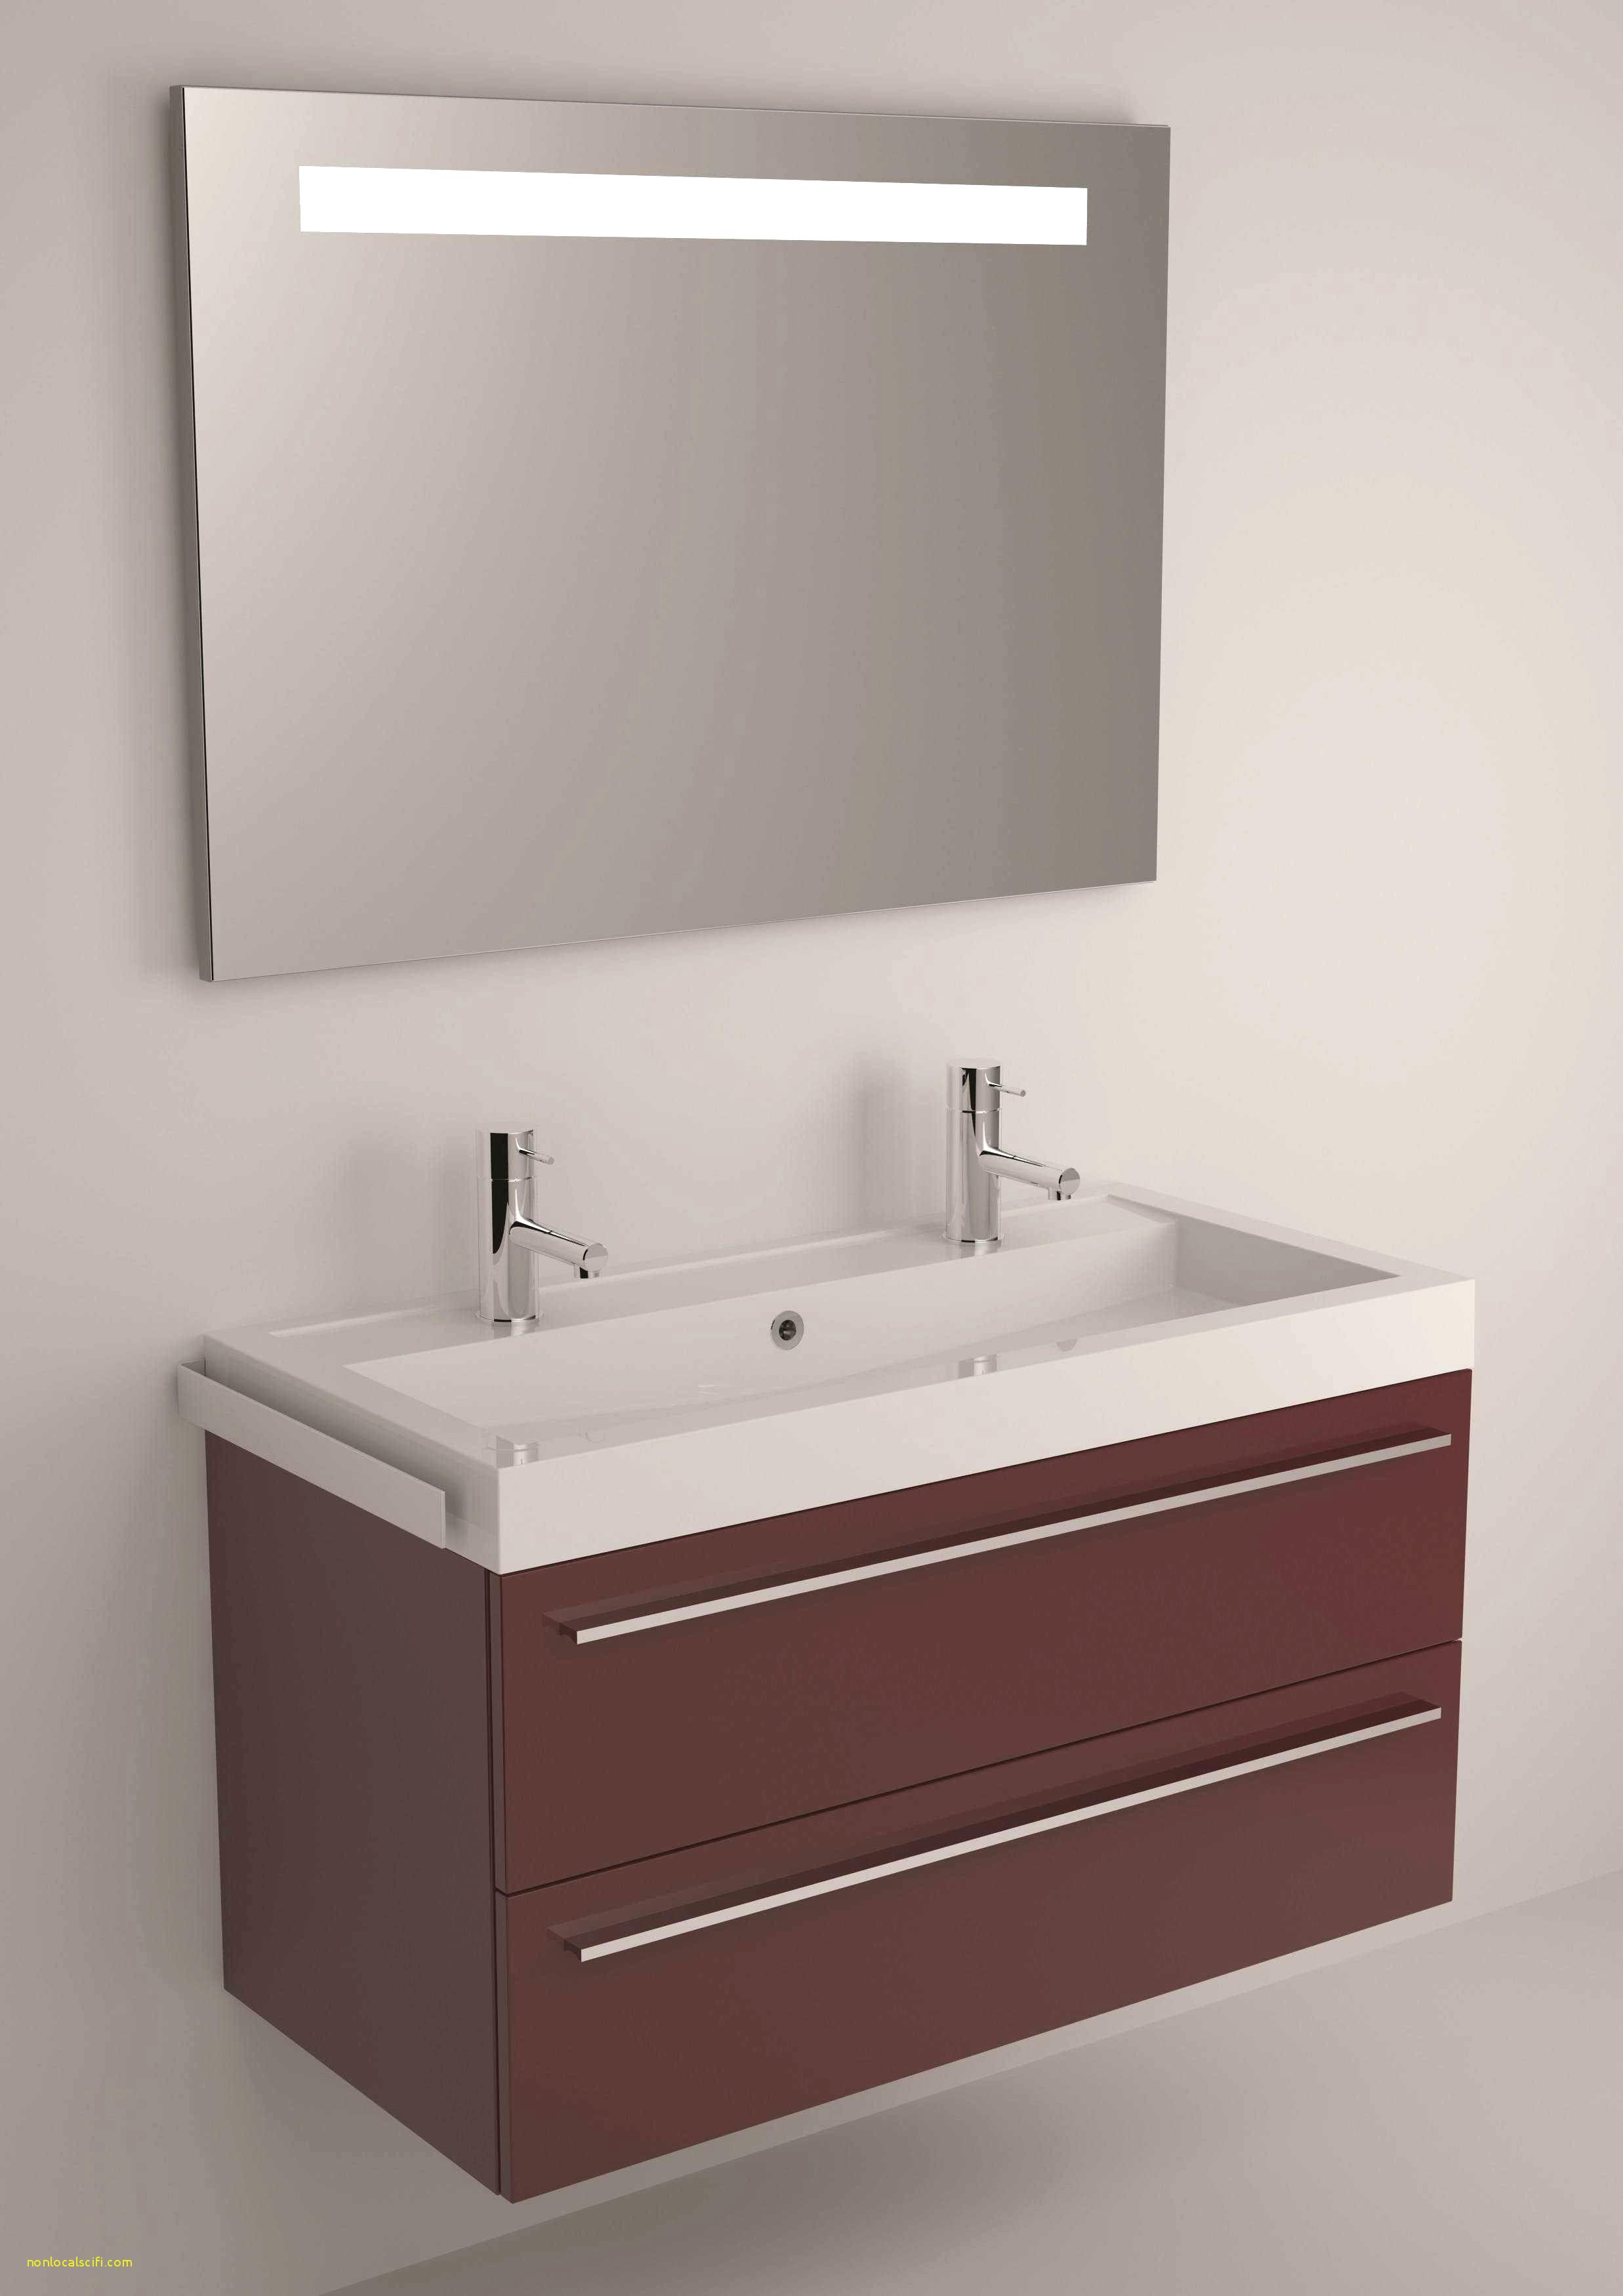 Leroy Merlin Armoire De toilette Inspirant Photos Résultat Supérieur 96 élégant Meuble Salle De Bain Simple Pic 2018